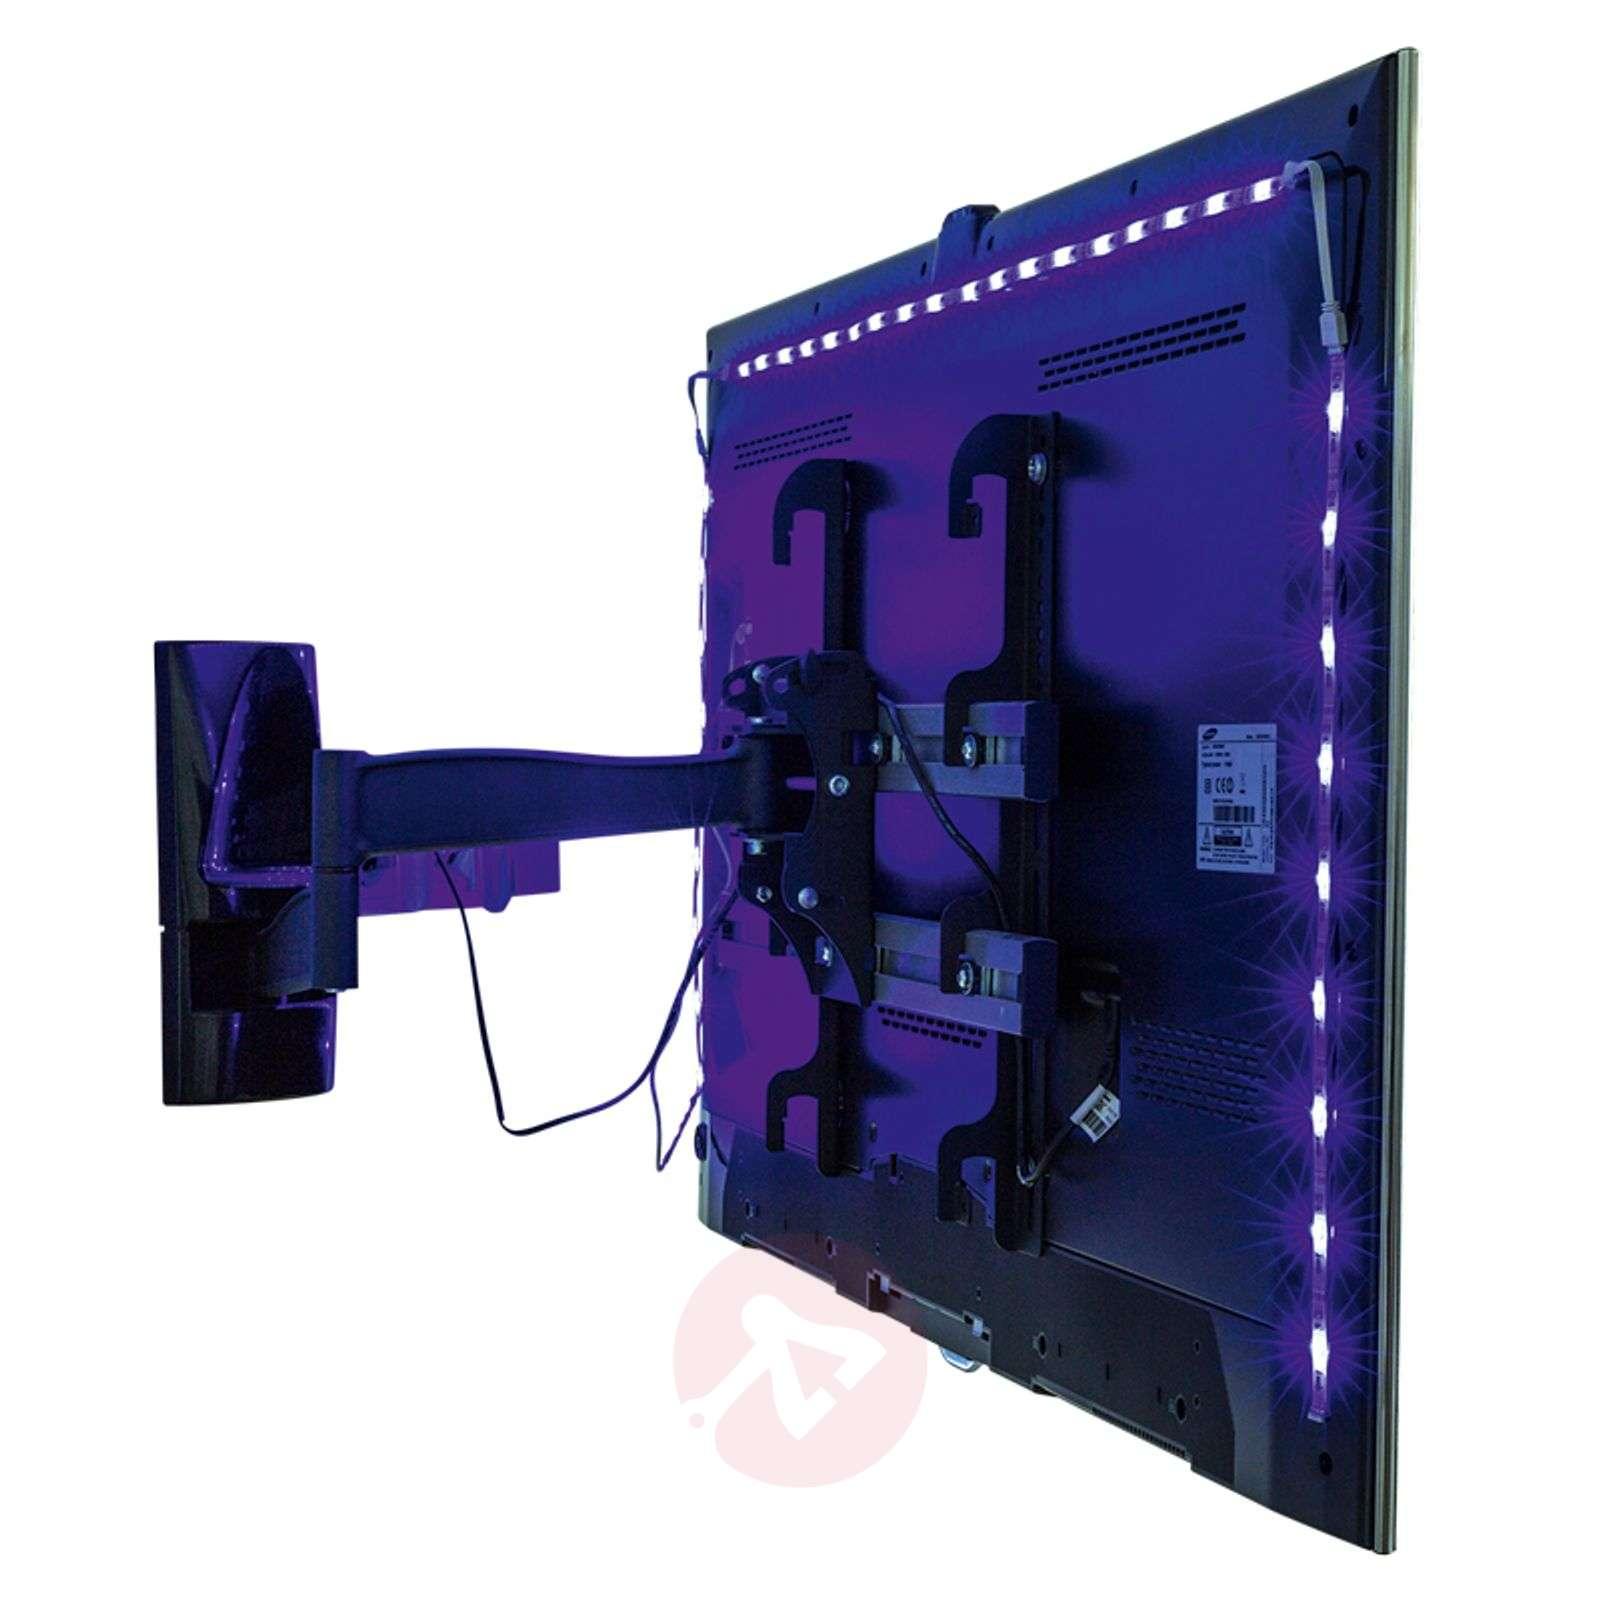 Plug and Play LED strip set for TVs-9506147-01